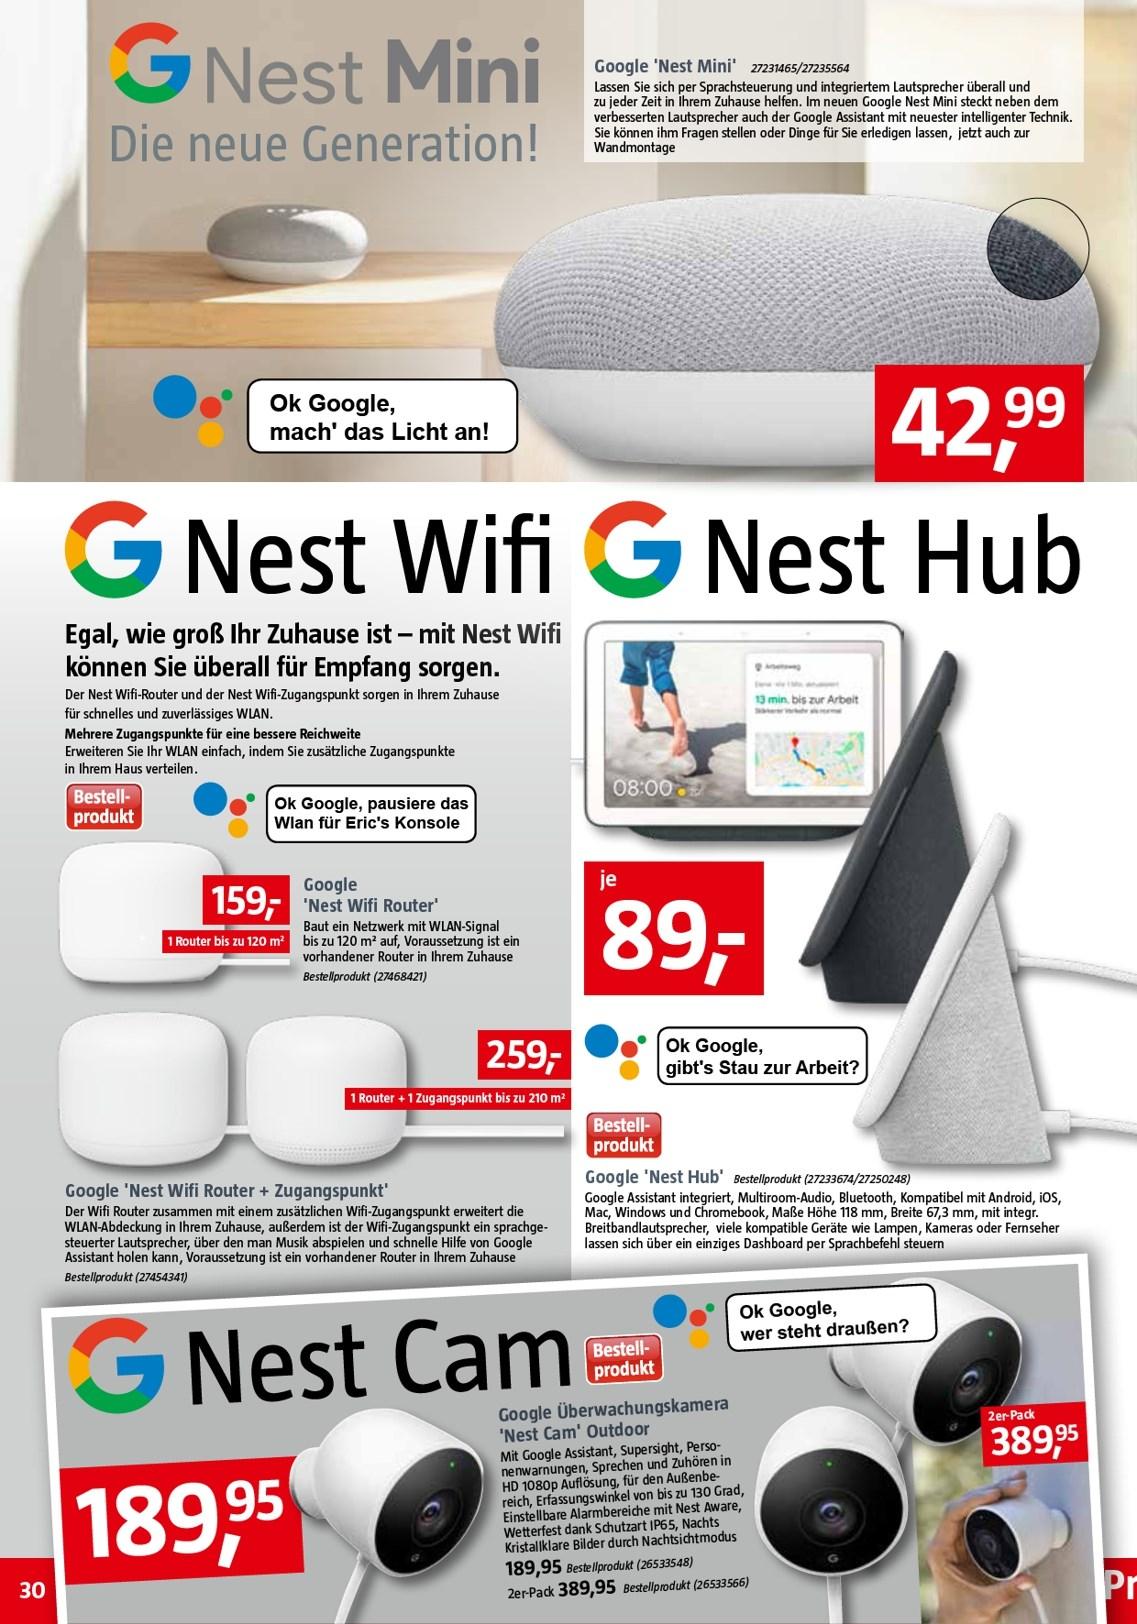 Google Nest Smarthome (z.B. Google Nest Cam Outdoor) @ Bauhaus